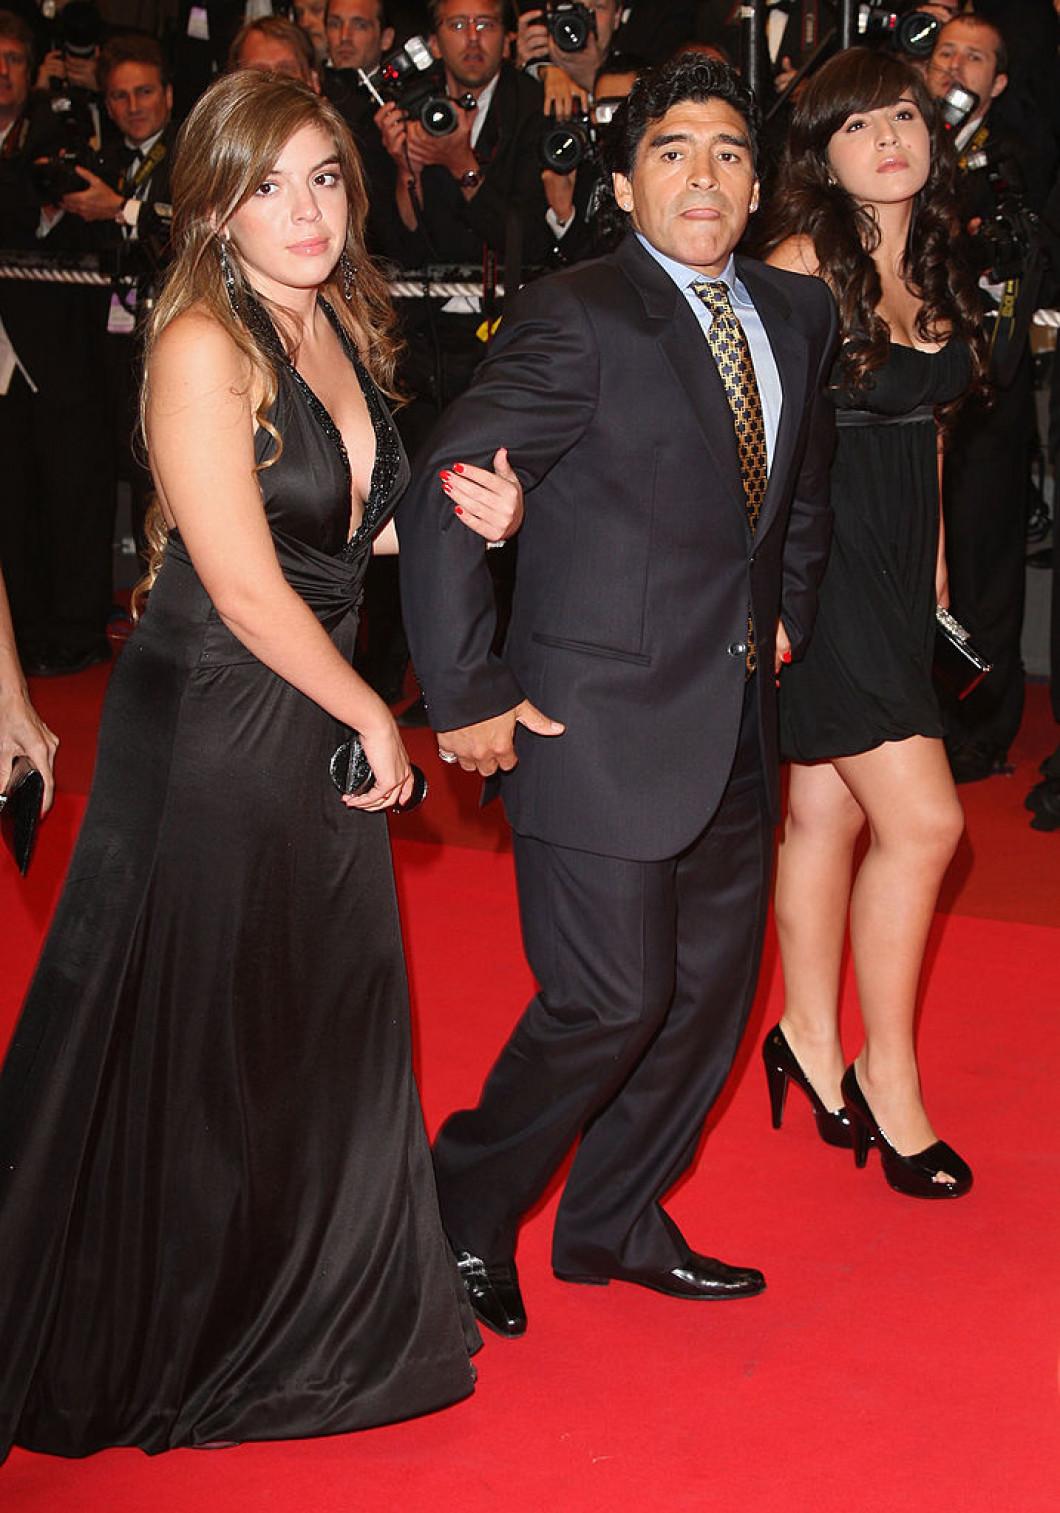 Cannes 2008: 'Maradona' - Premiere